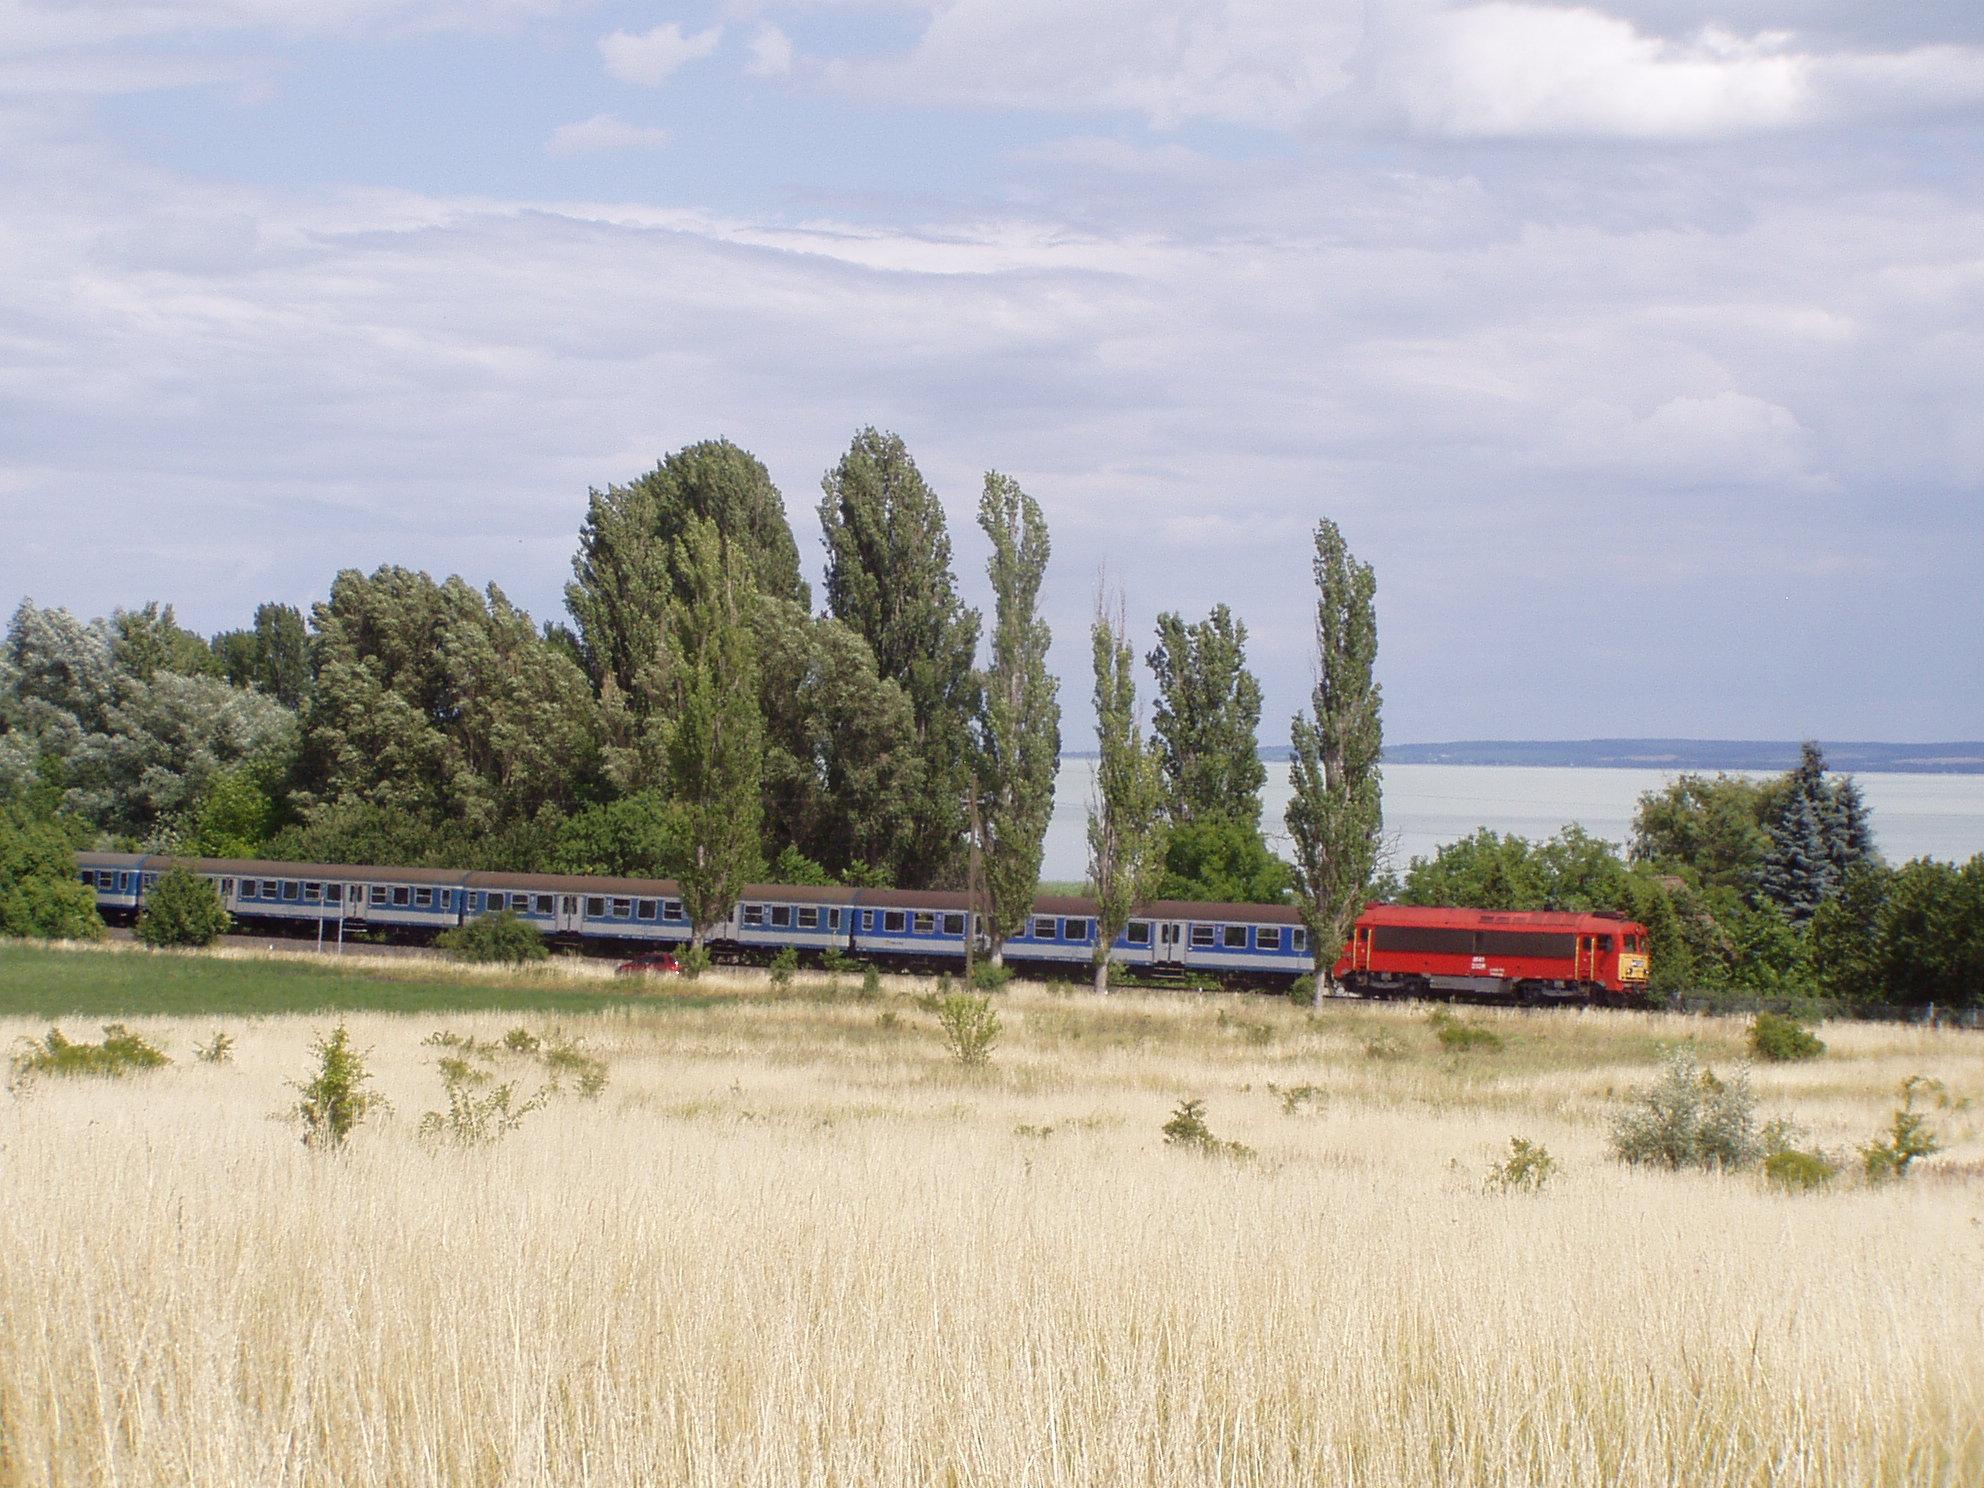 Zánka-Köveskált hagyja el a nyári menetrend első napjaiban a negyedórás késésben lévő átlós, Záhonyból érkező gyorsvonat, amelyet halberstadti kocsijairól is fel lehetett ismerni